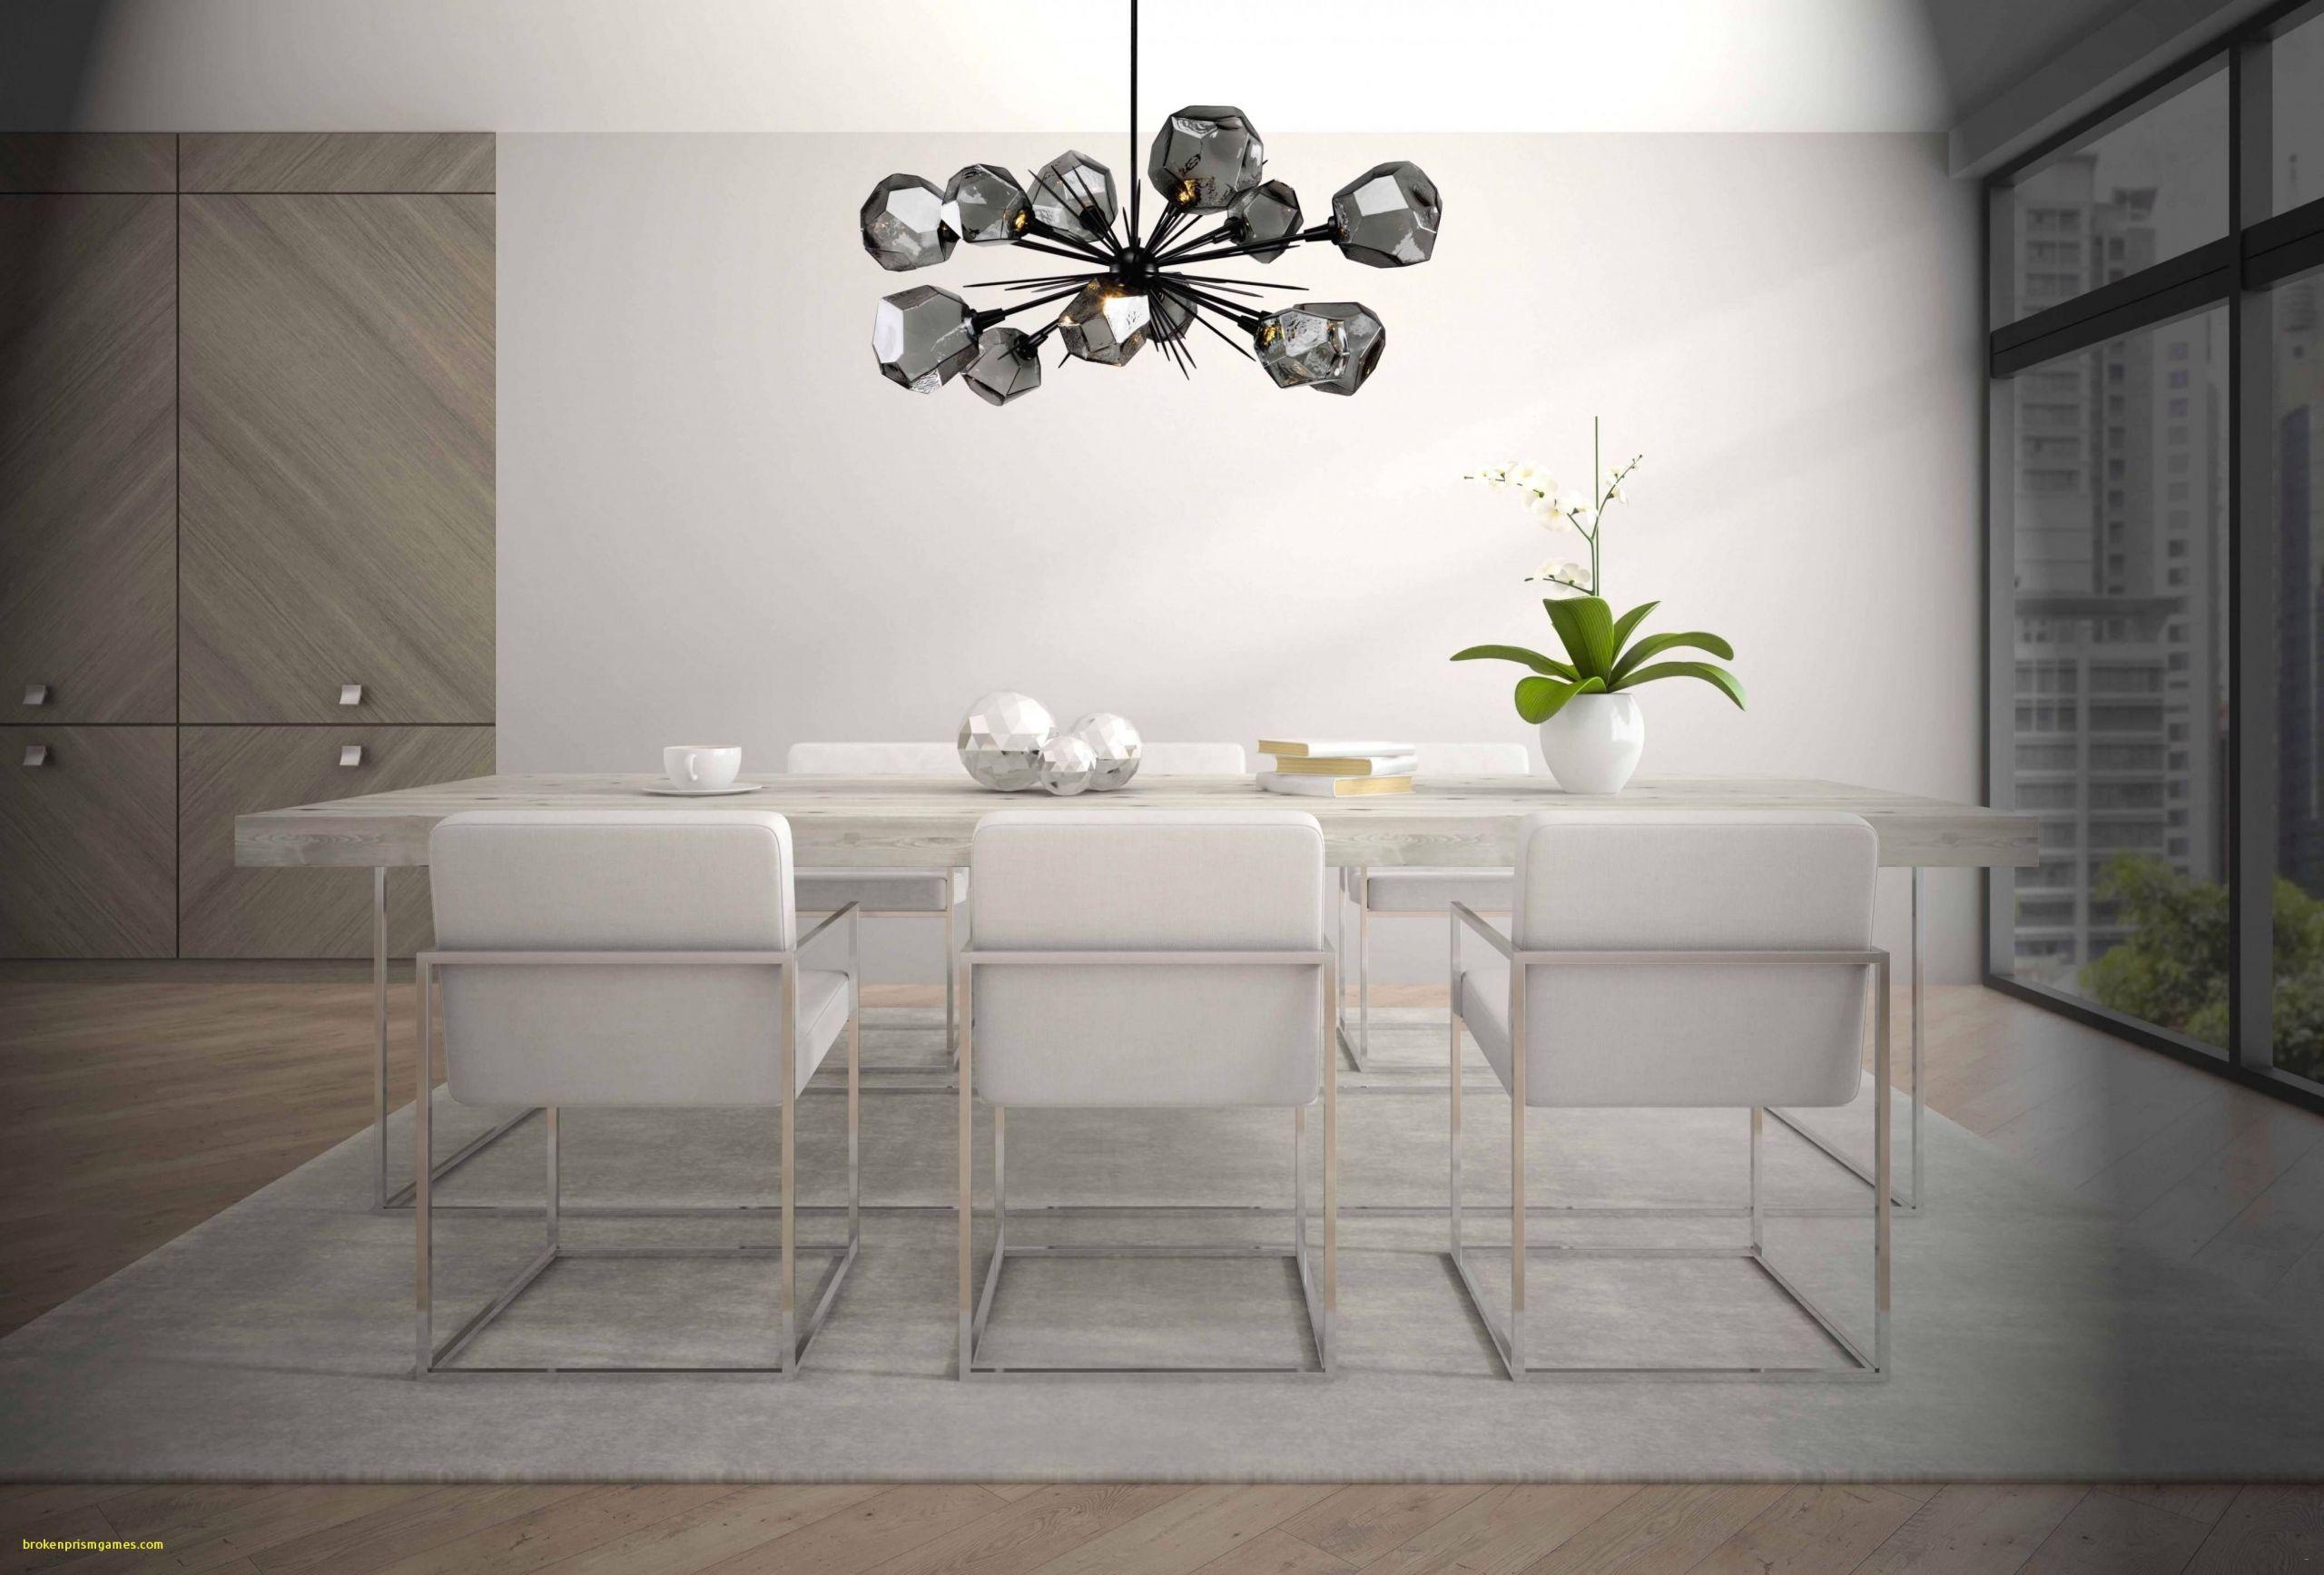 wohnzimmer decken dekoration fresh 40 billig beleuchtung wohnzimmer decke ideen of wohnzimmer decken dekoration